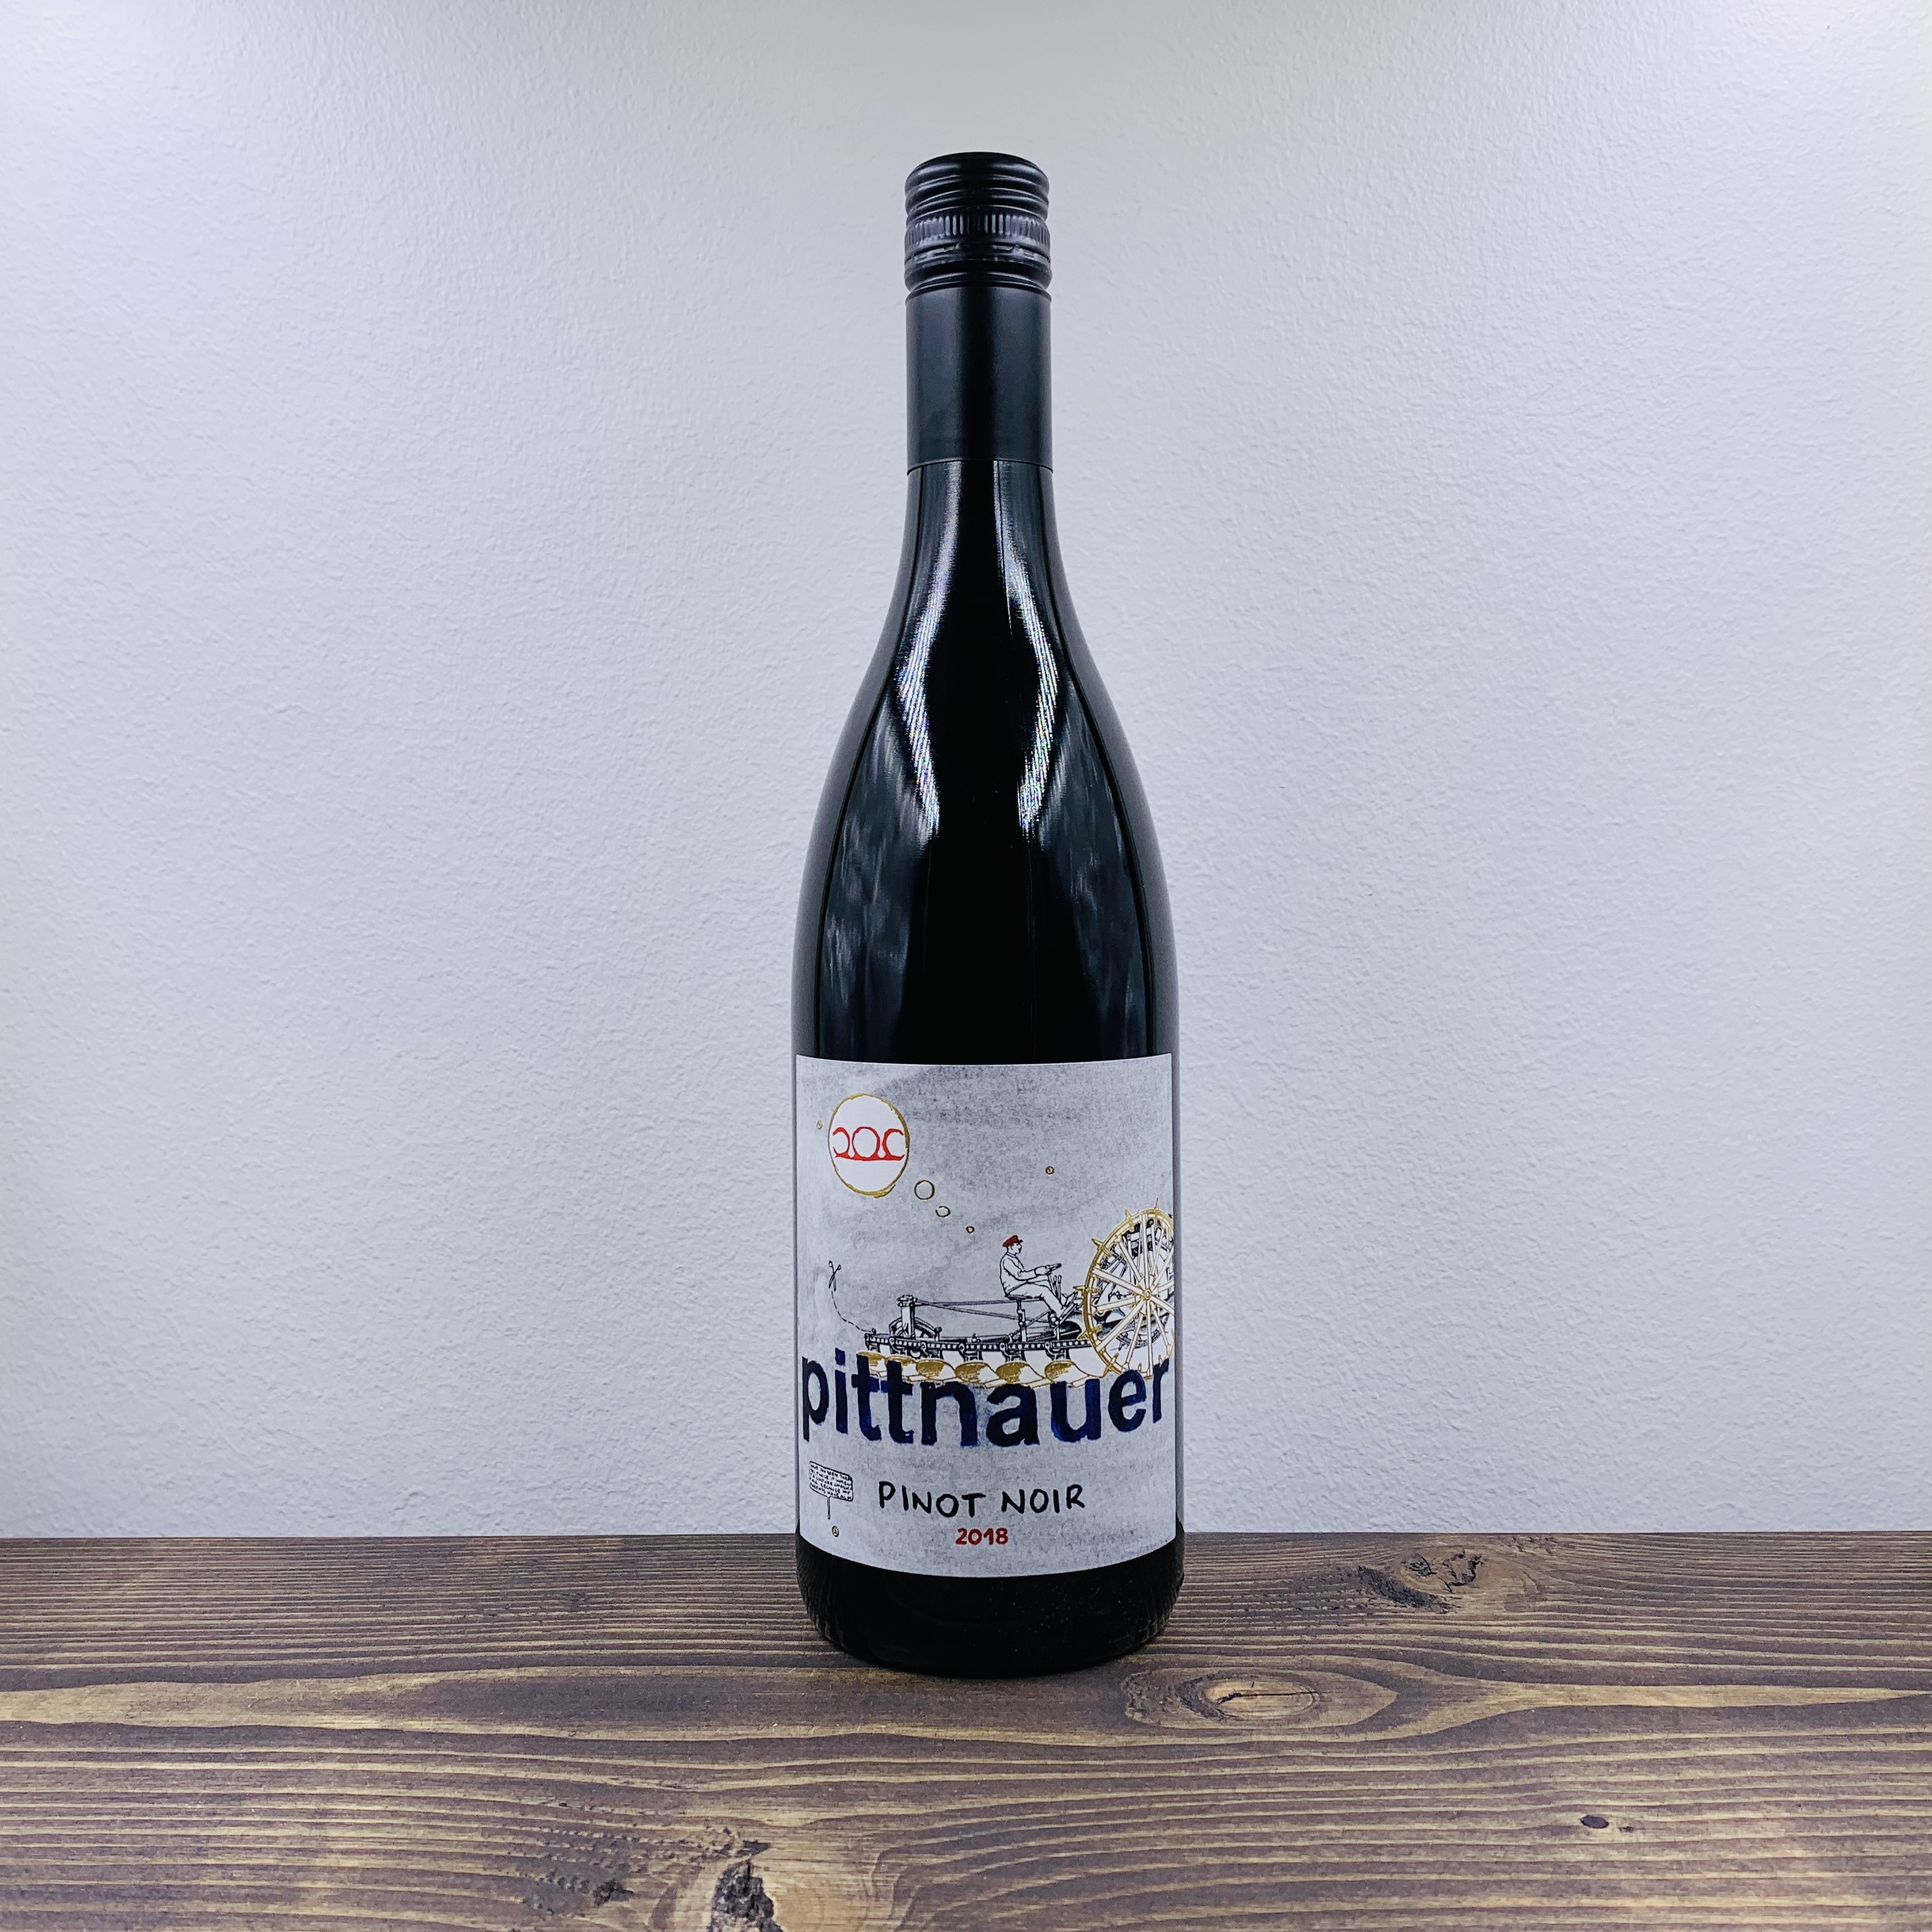 Pittnauer Pinot Noir 2019